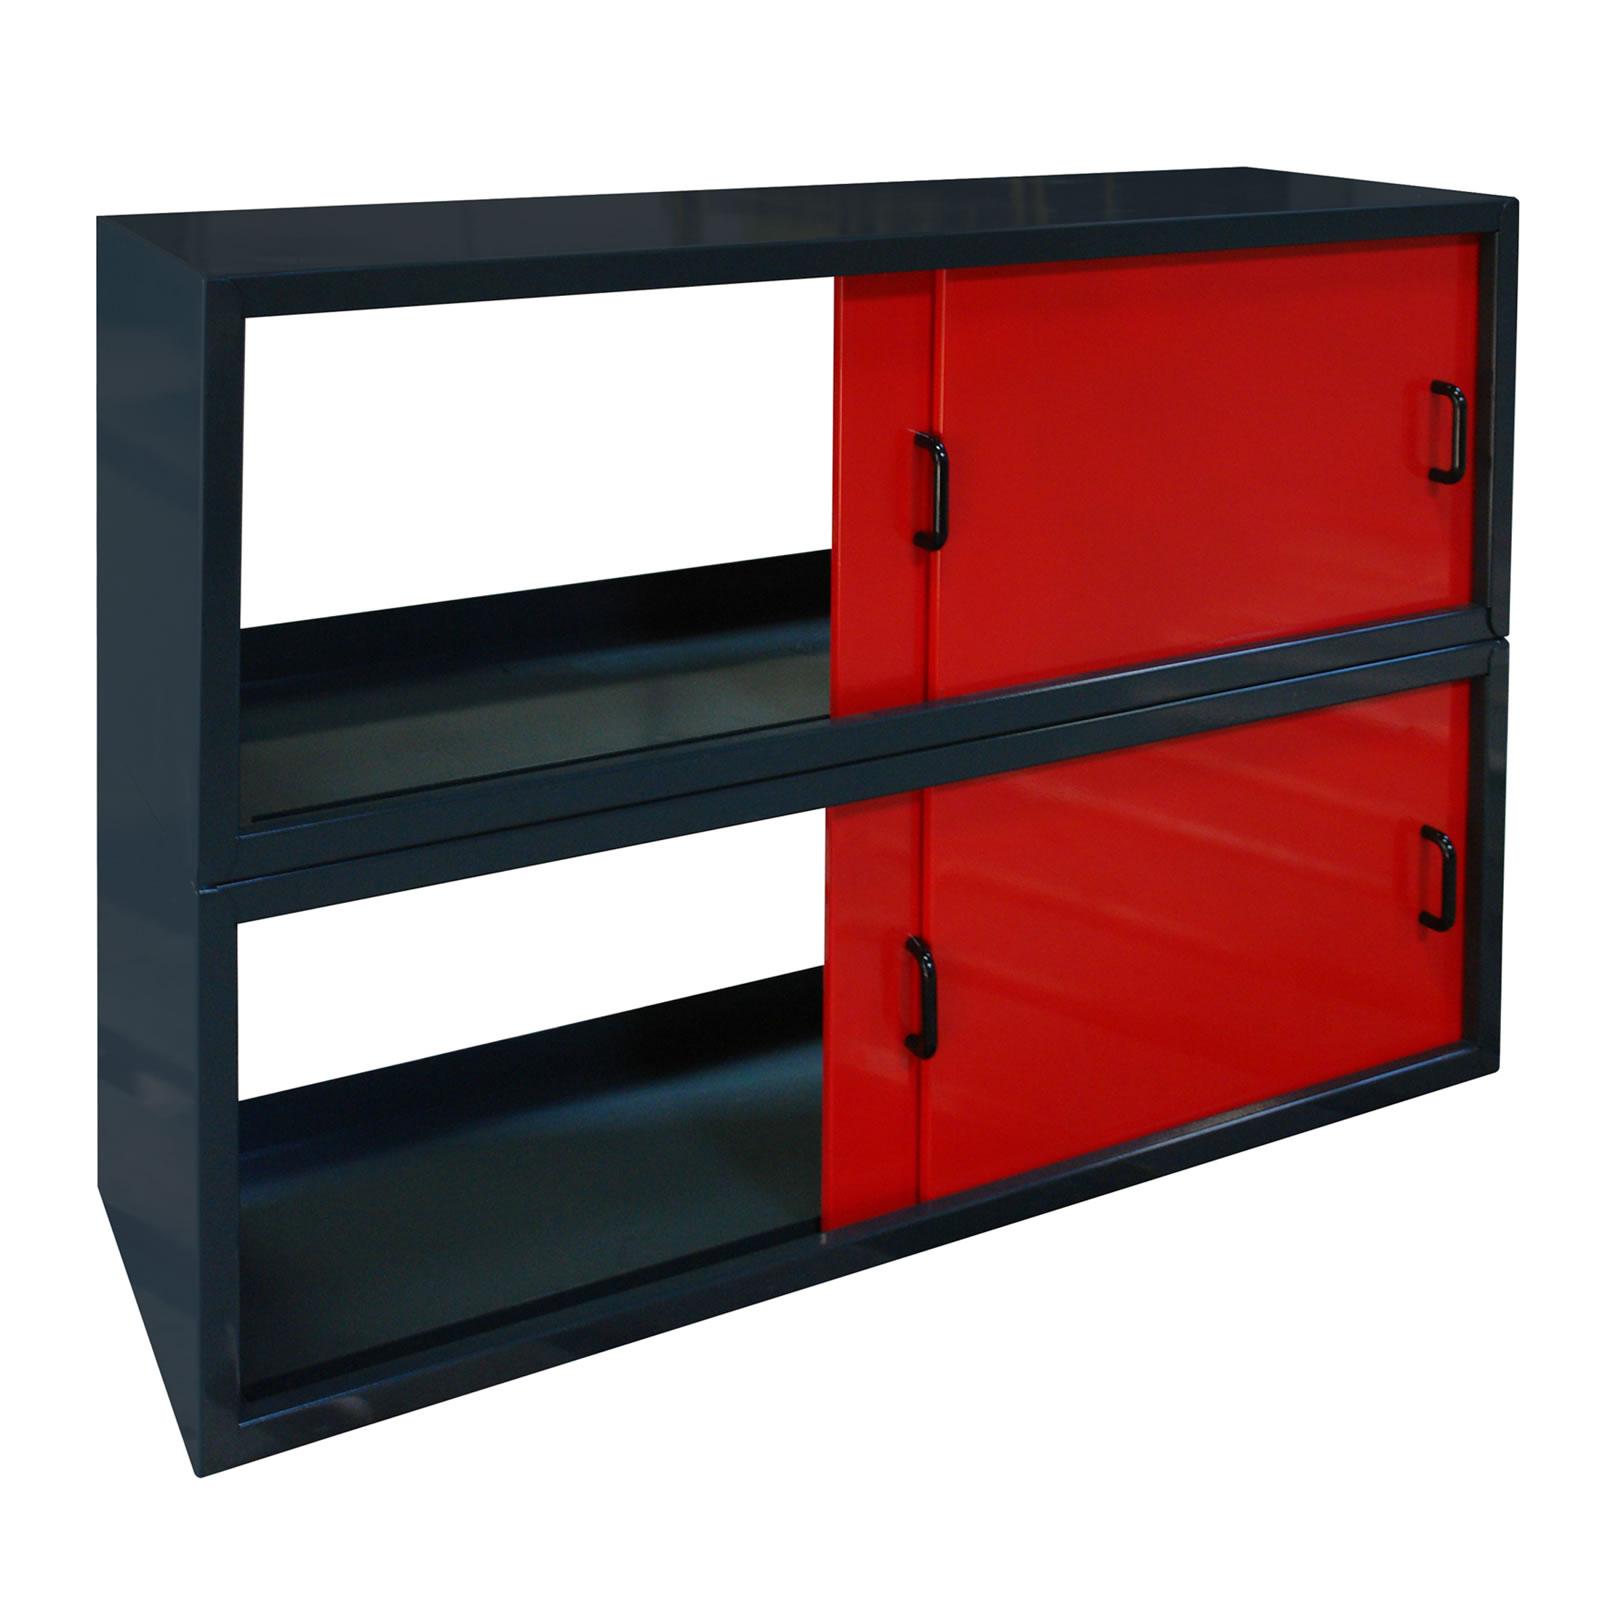 metall wandschrank h ngeschrank 2x2 schiebet ren f r garage werkstatt rot anthr ebay. Black Bedroom Furniture Sets. Home Design Ideas